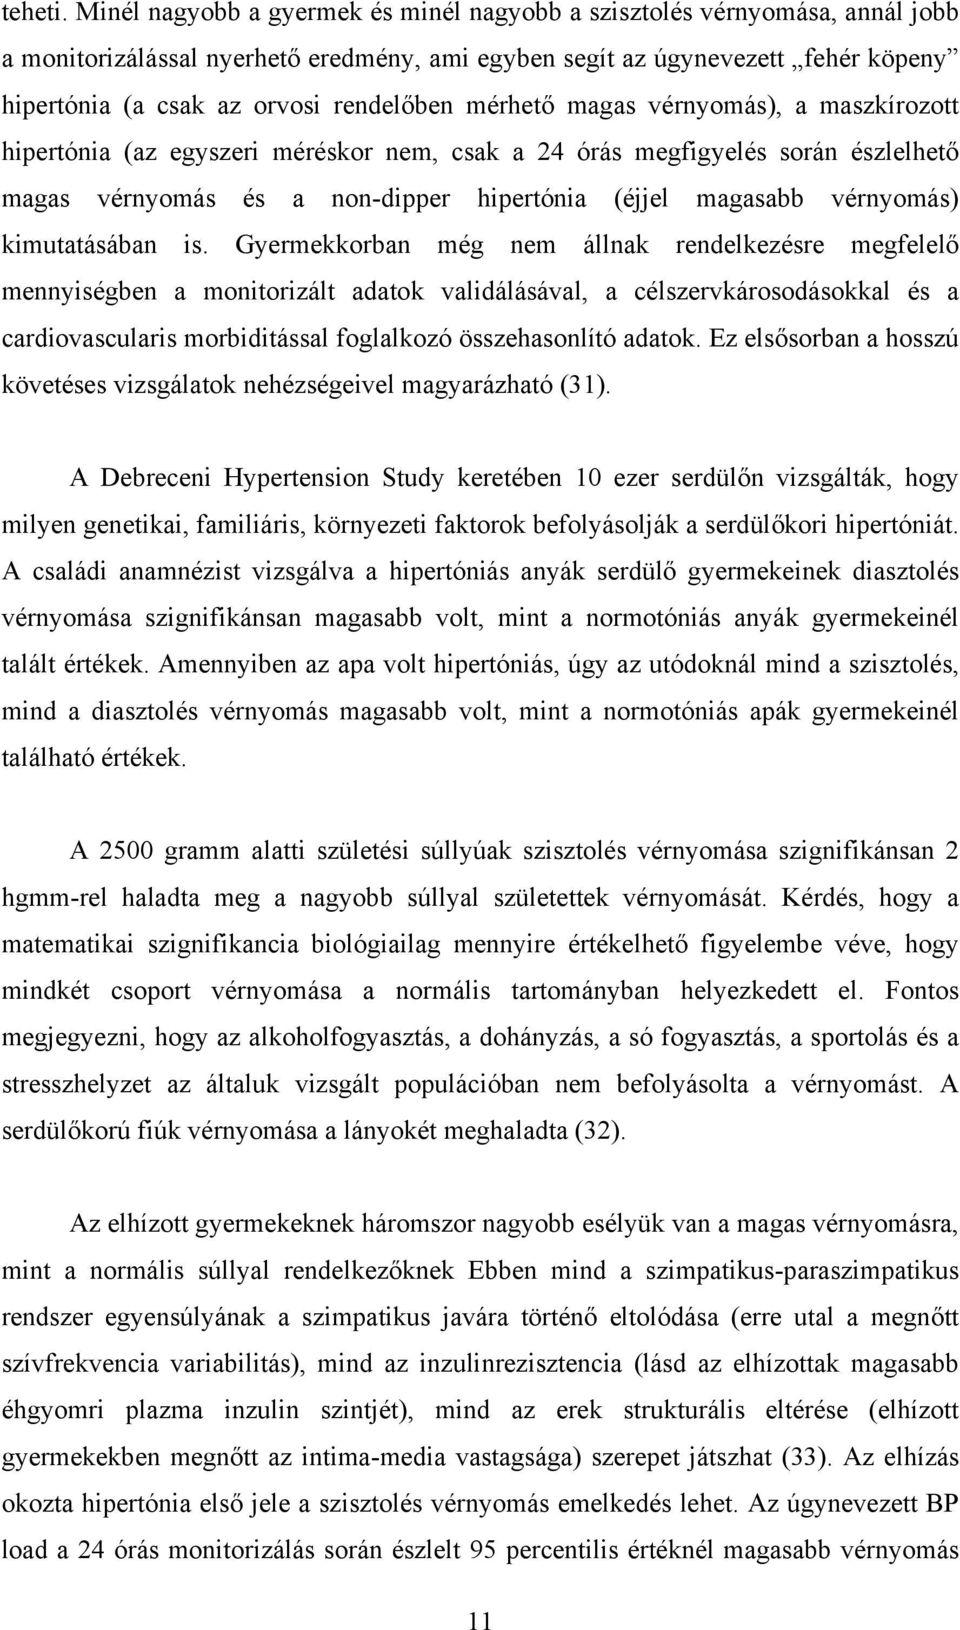 magnézia ampullákban utasítás magas vérnyomás esetén